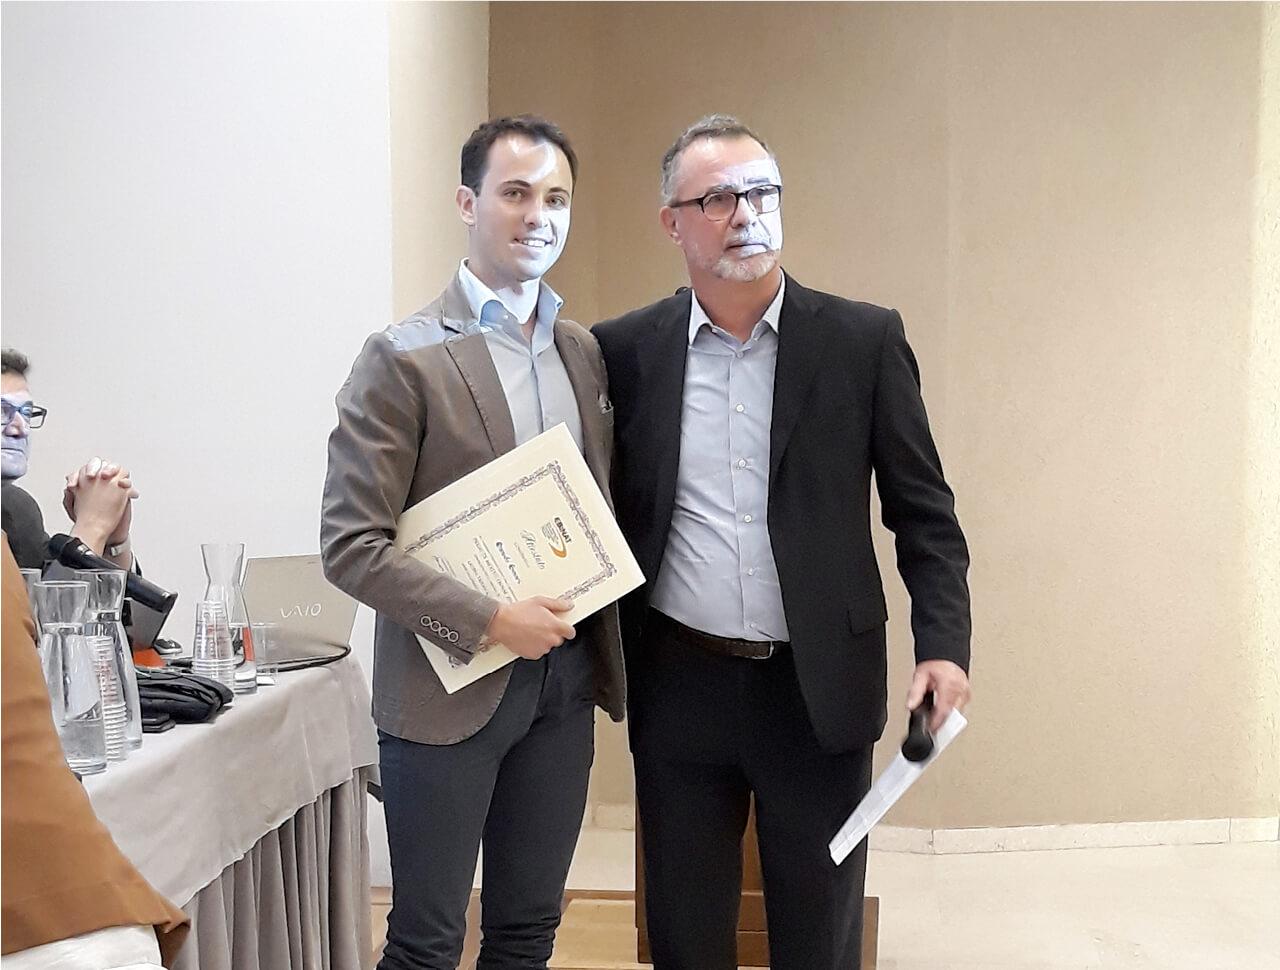 Consigliere Collini con studente premiato